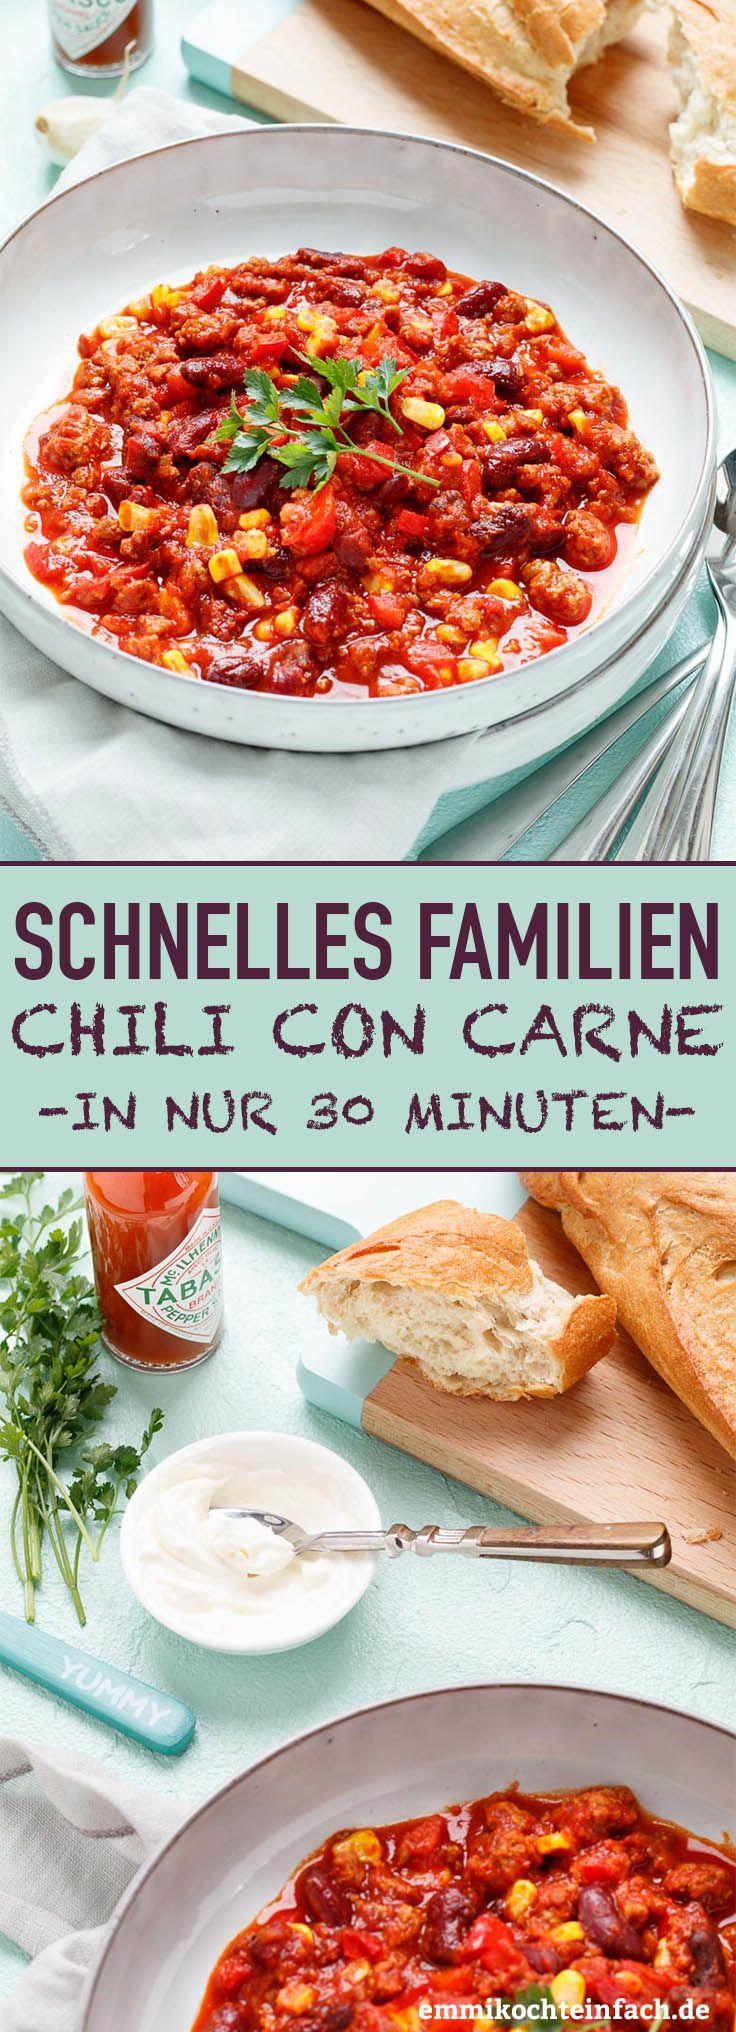 Schnelles Chili con Carne - ideal für Familien #chilirecipe